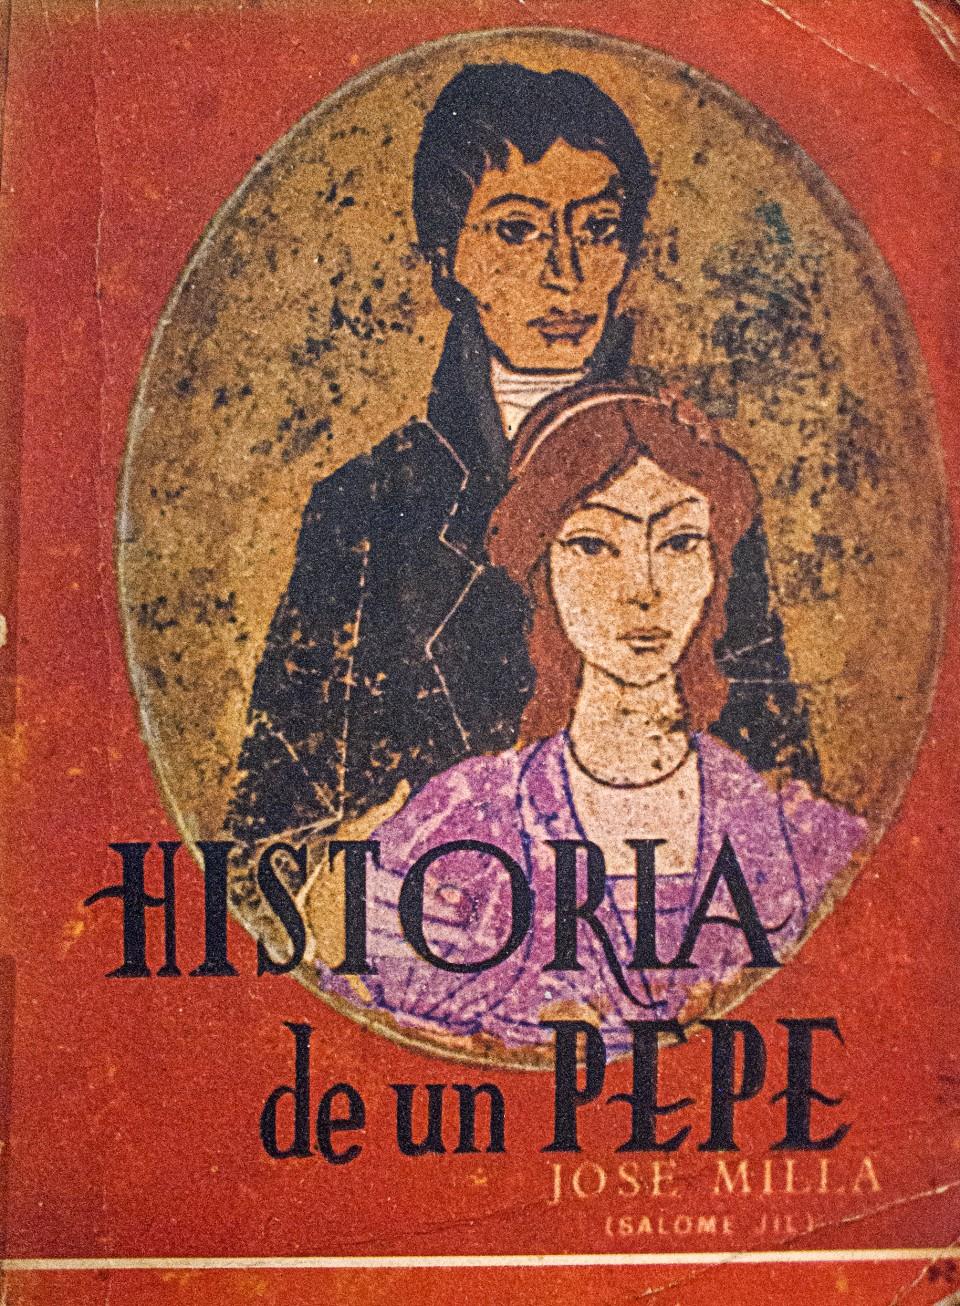 La historia de un Pepe